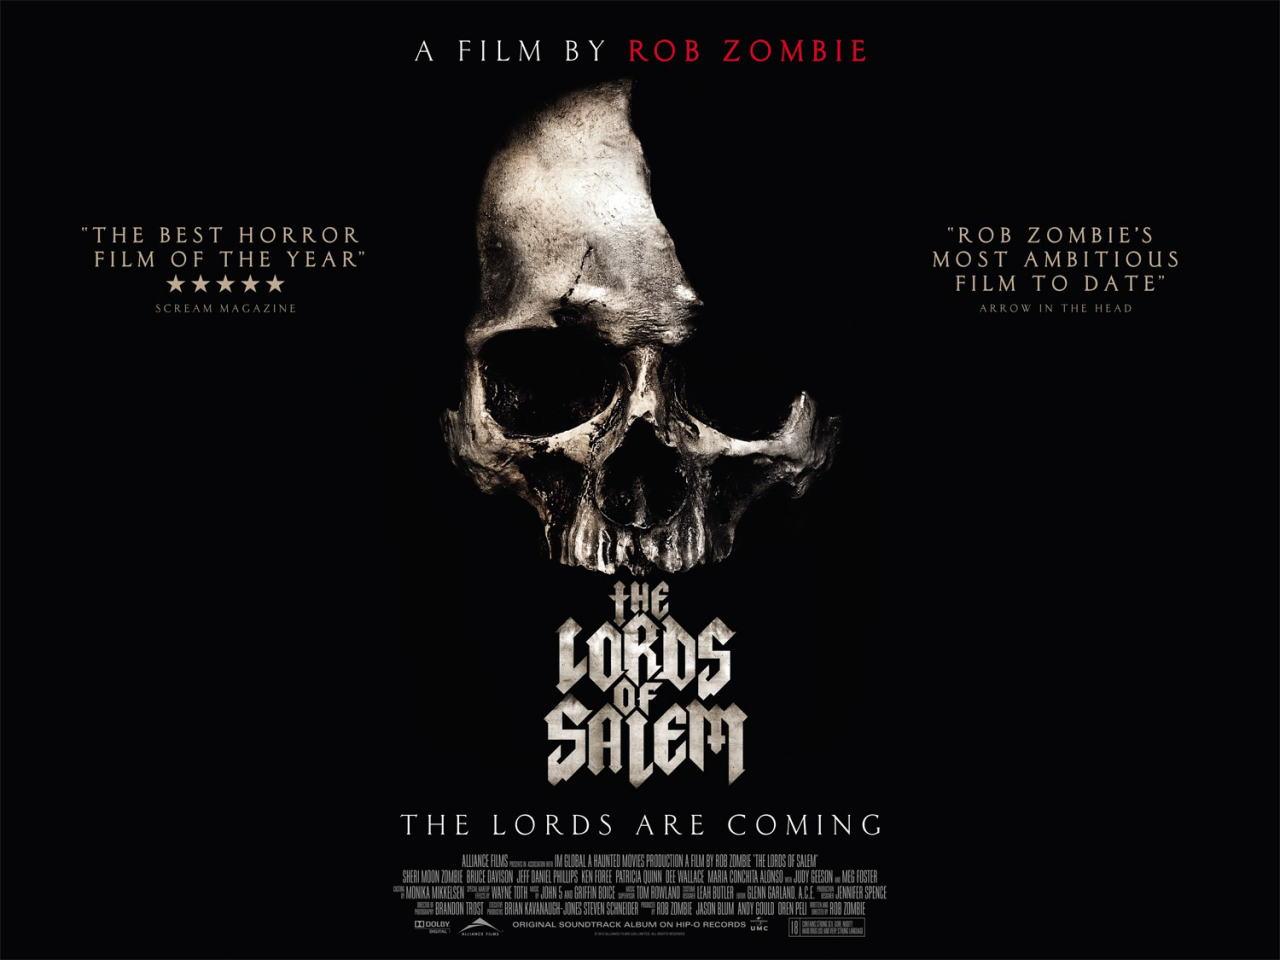 映画『ロード・オブ・セイラム (2012) THE LORDS OF SALEM』ポスター(4)▼ポスター画像クリックで拡大します。